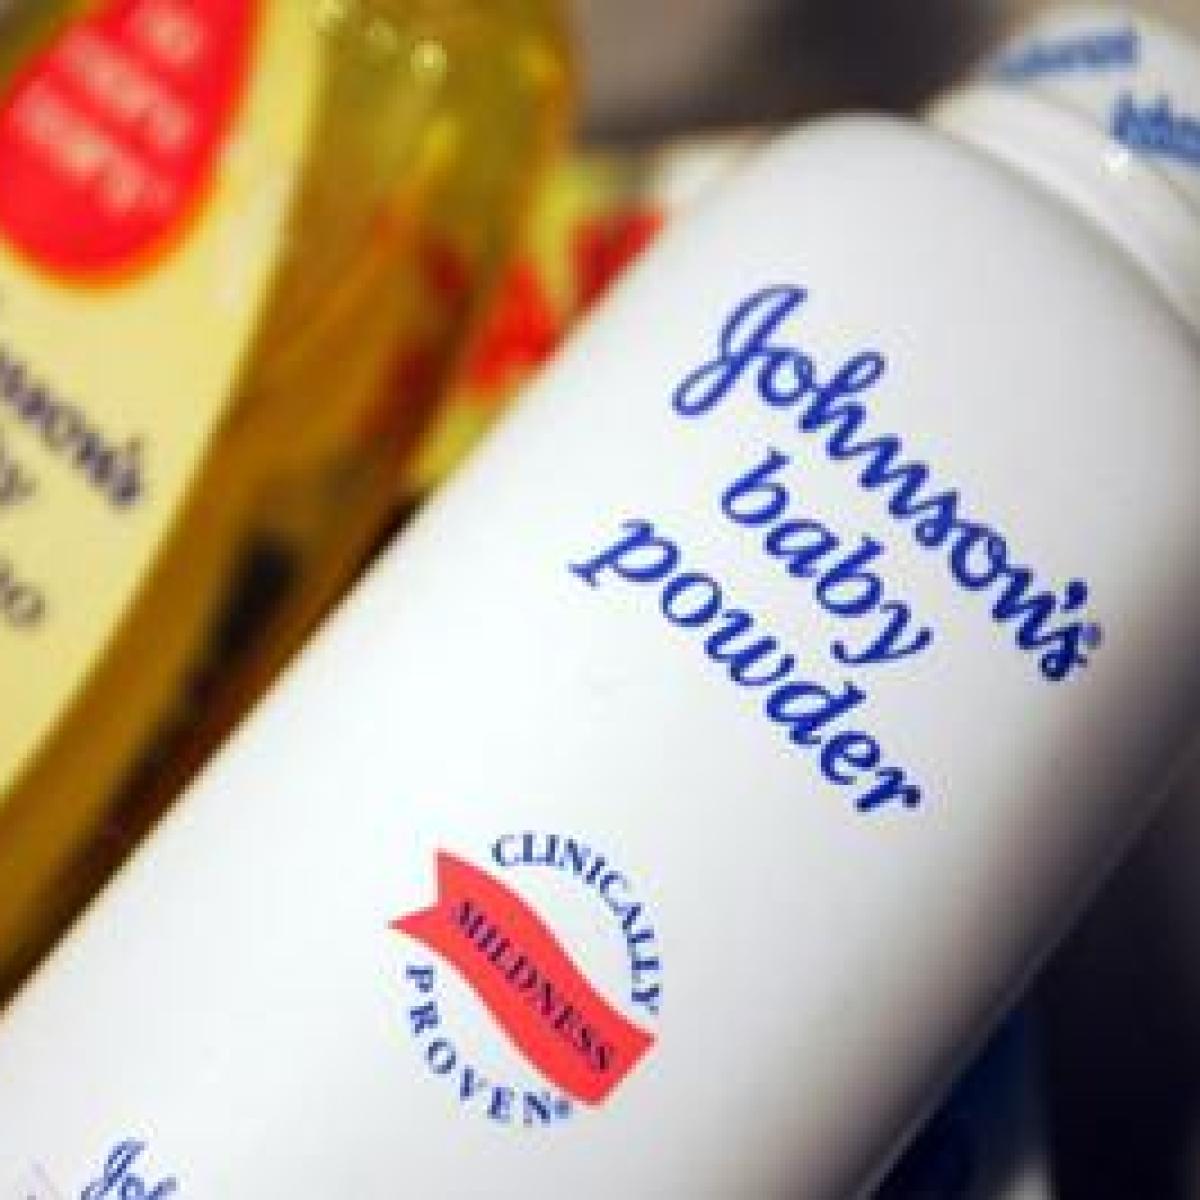 J&J recalls 33K baby powder bottles due to asbestos worry